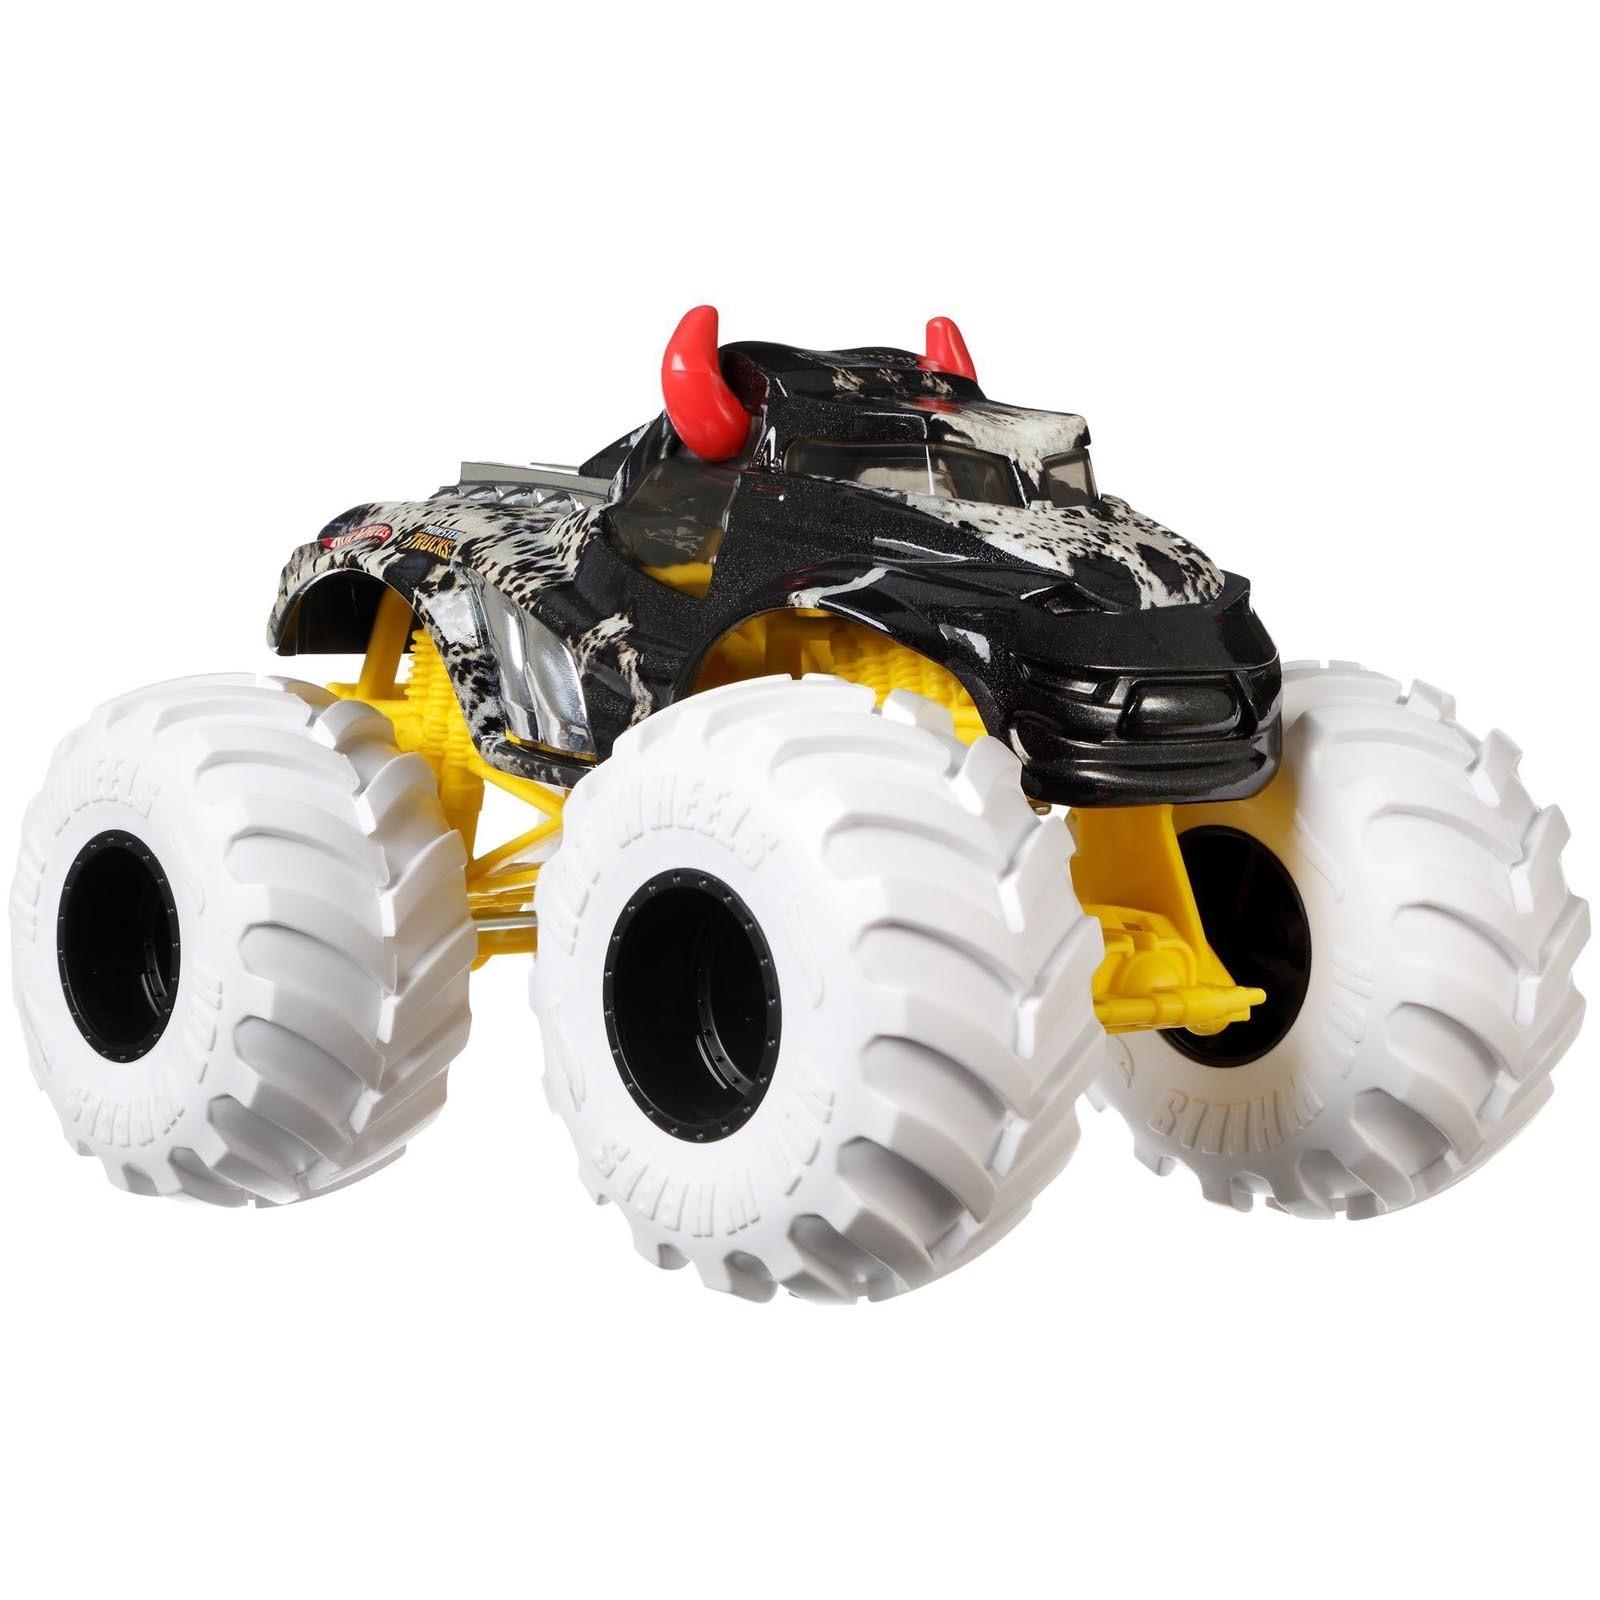 Hot Wheels - 1:24 - Steer Clear - Monster Trucks - GBV28